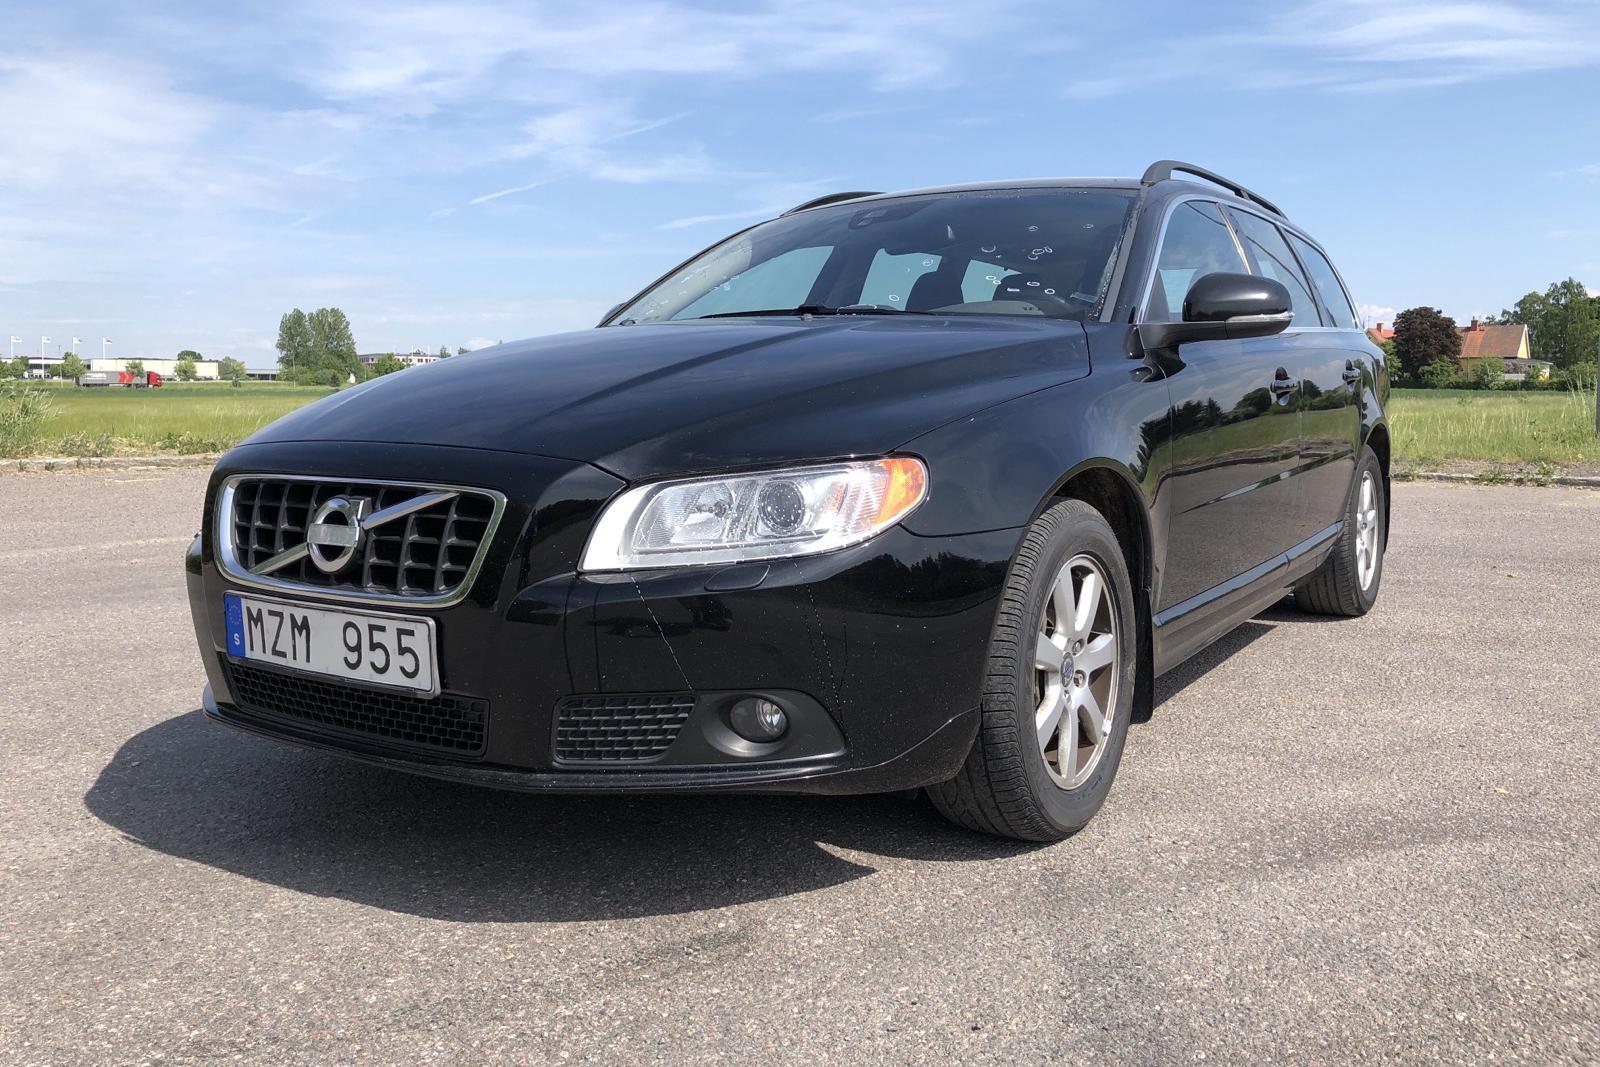 Volvo V70 II D5 (215hk) - 164 950 km - Manual - black - 2013